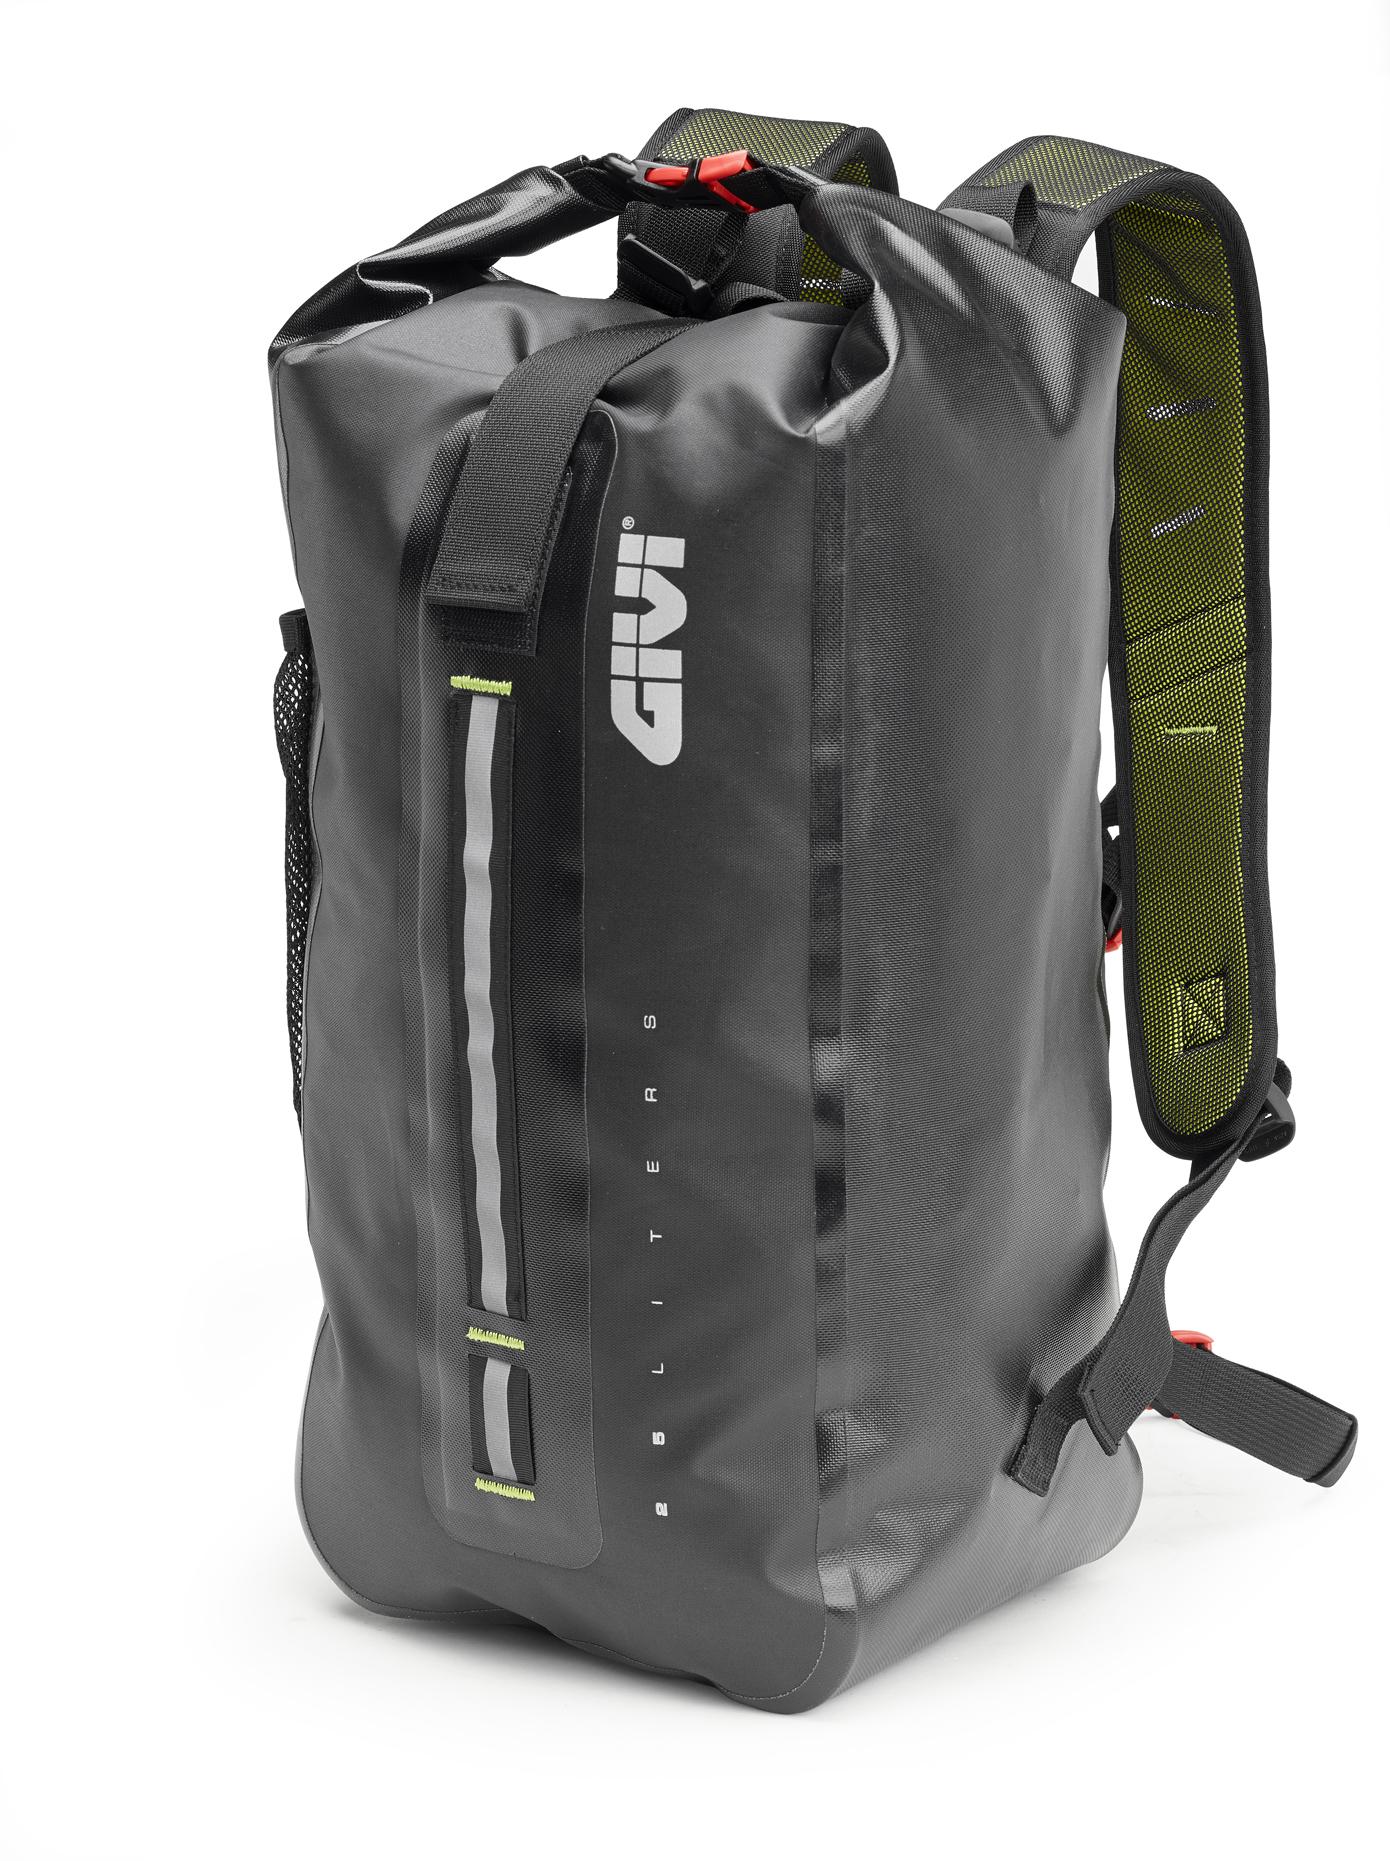 ... Givi Gravel-T GRT701 Waterproof Backpack a9449766fb7f7